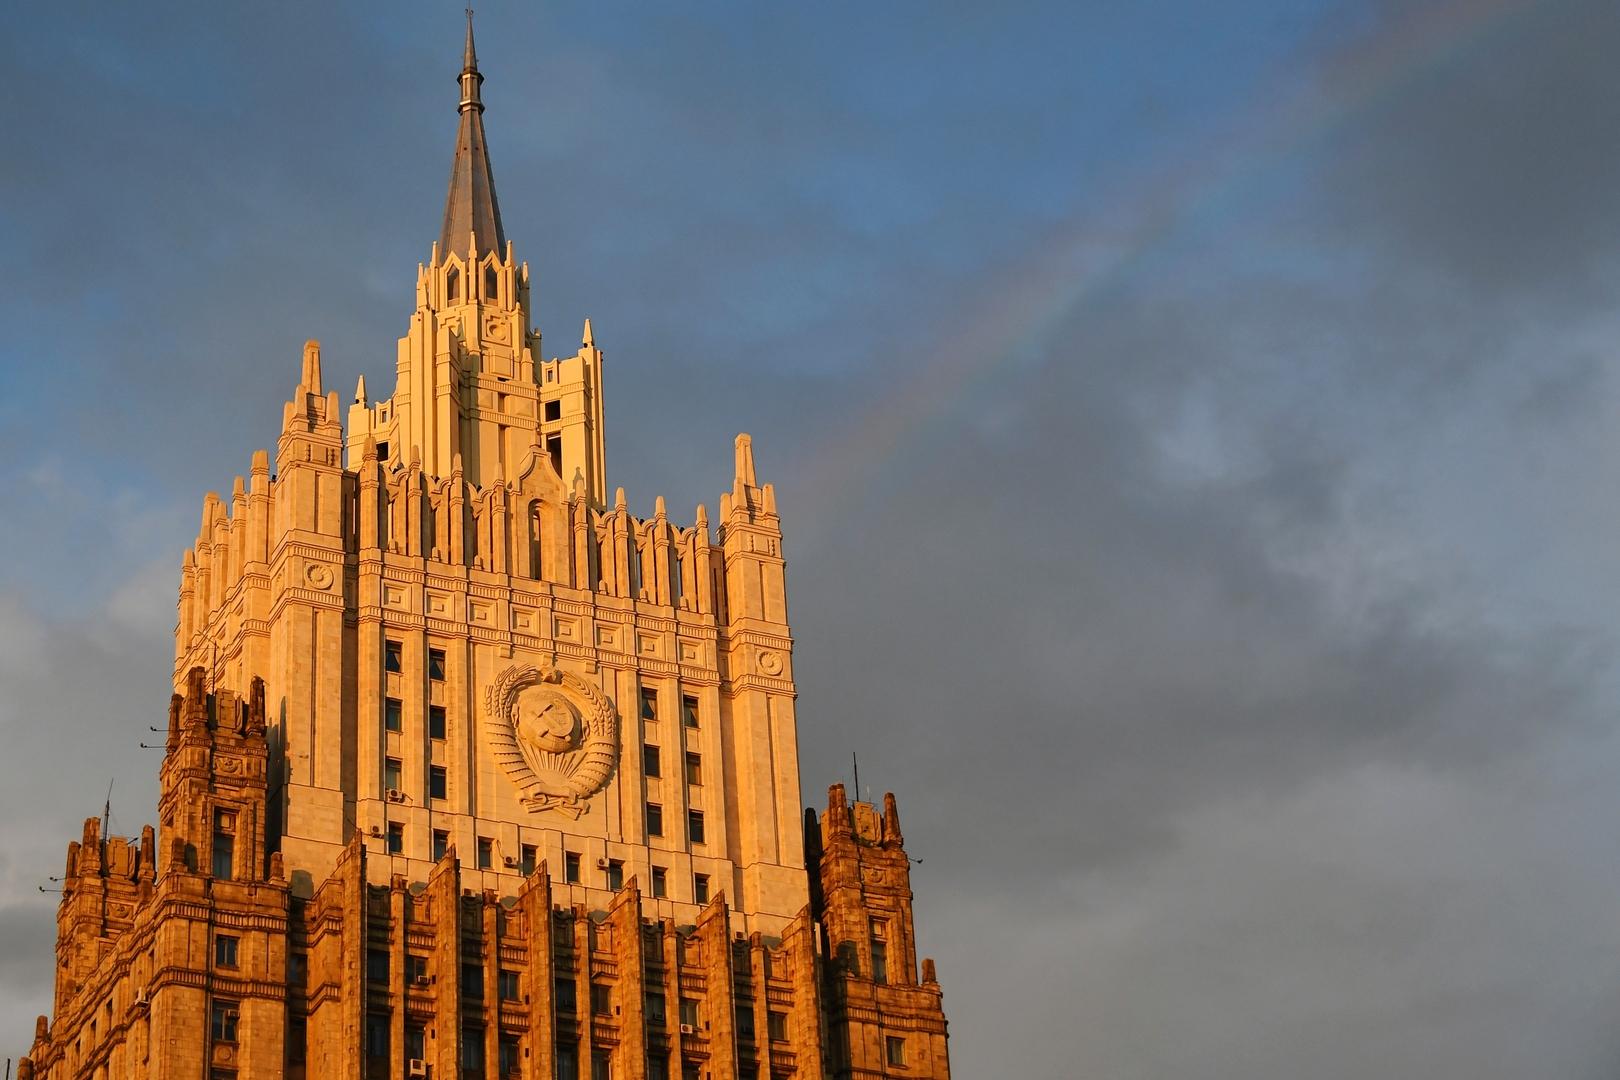 أبرز حلقات مسلسل طرد الدبلوماسيين المتبادل بين روسيا والغرب